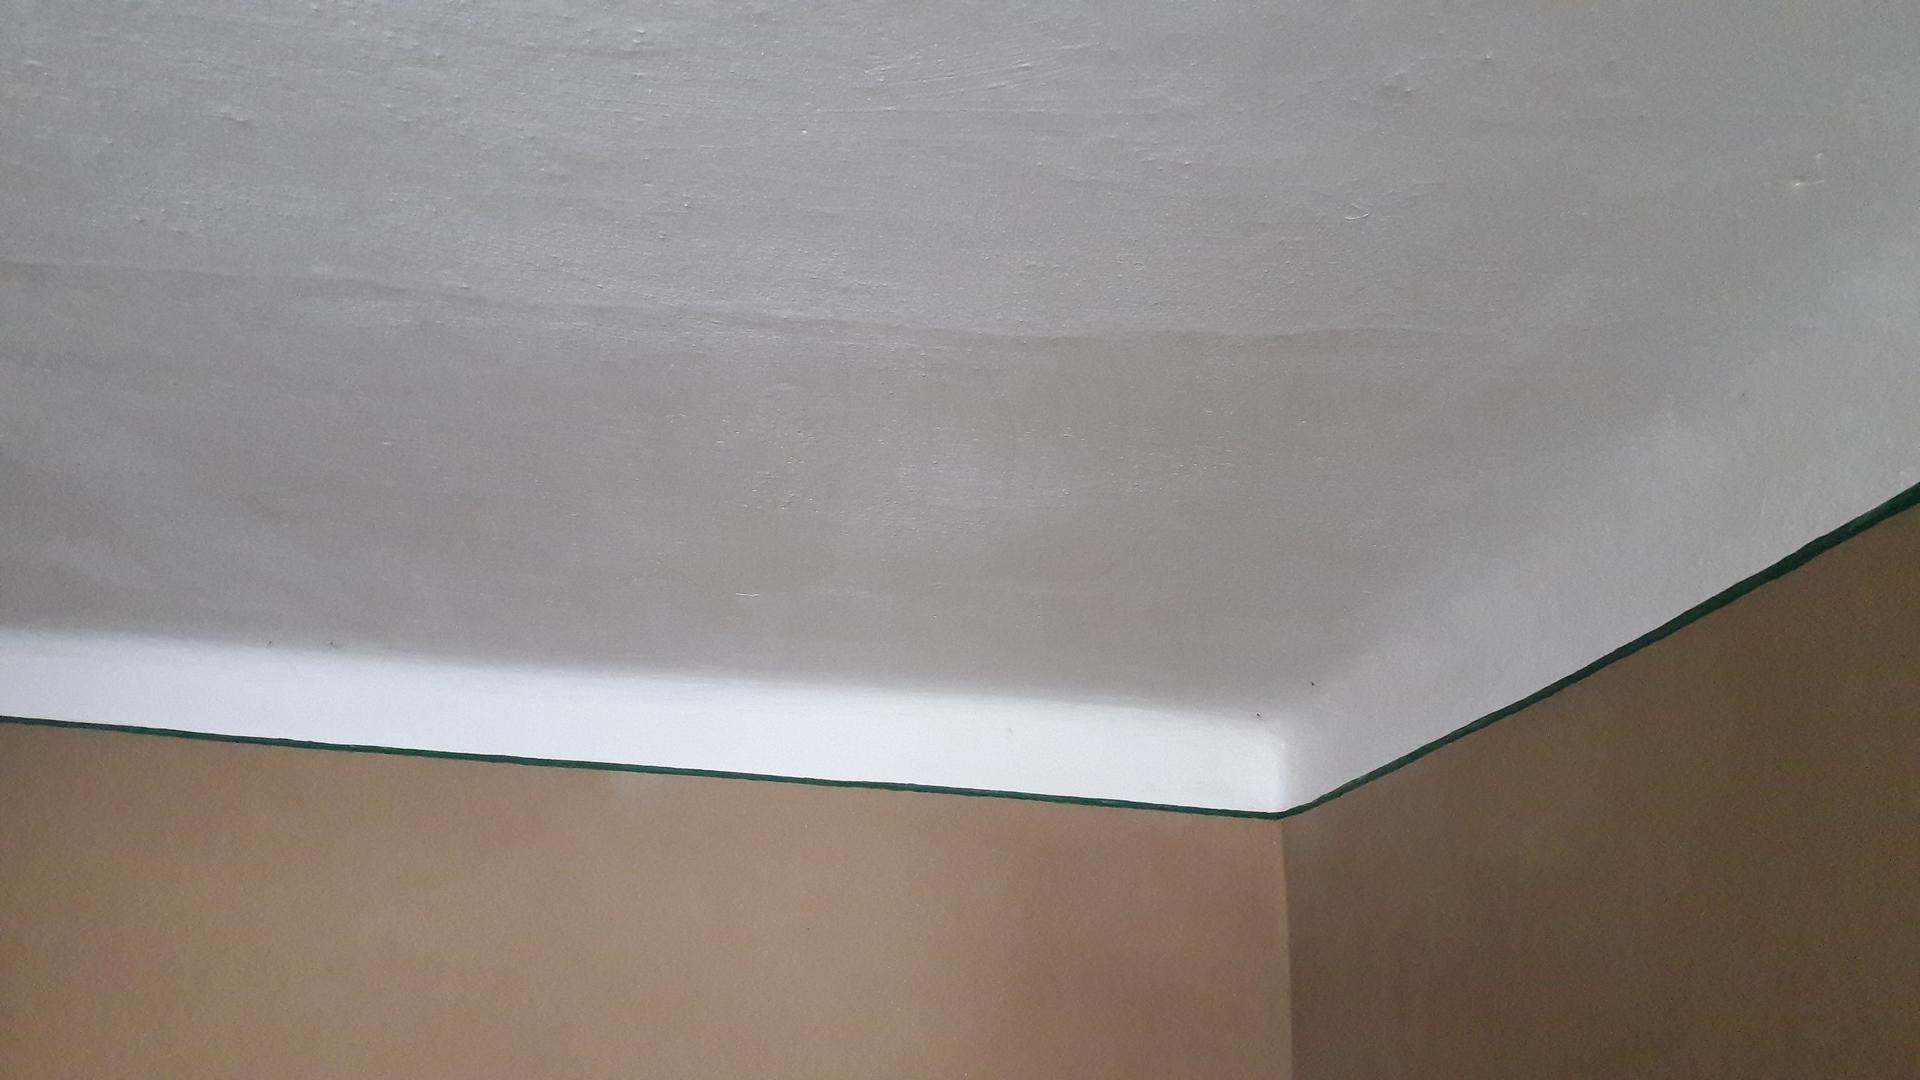 Hlinená chalupa a jej premeny - part 5 Jemné hlinené omietky a sgrafito - Zelená linka oddeľuje strop od omietky